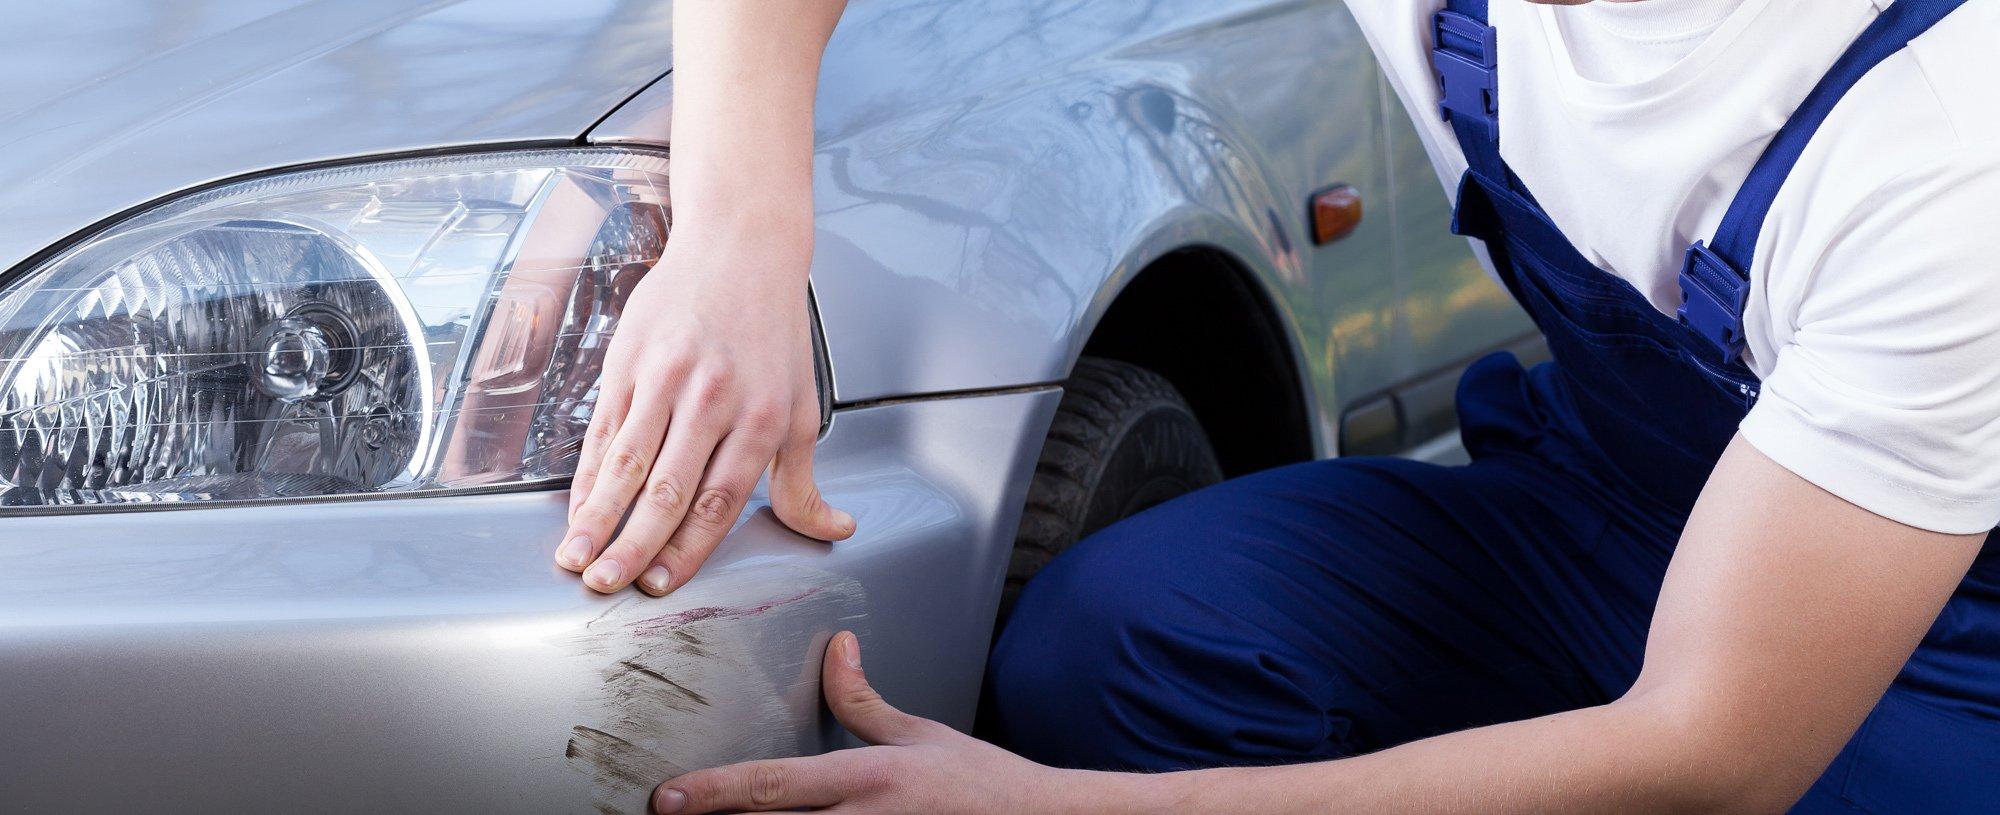 Quality automobile restoration service in Canton, GA